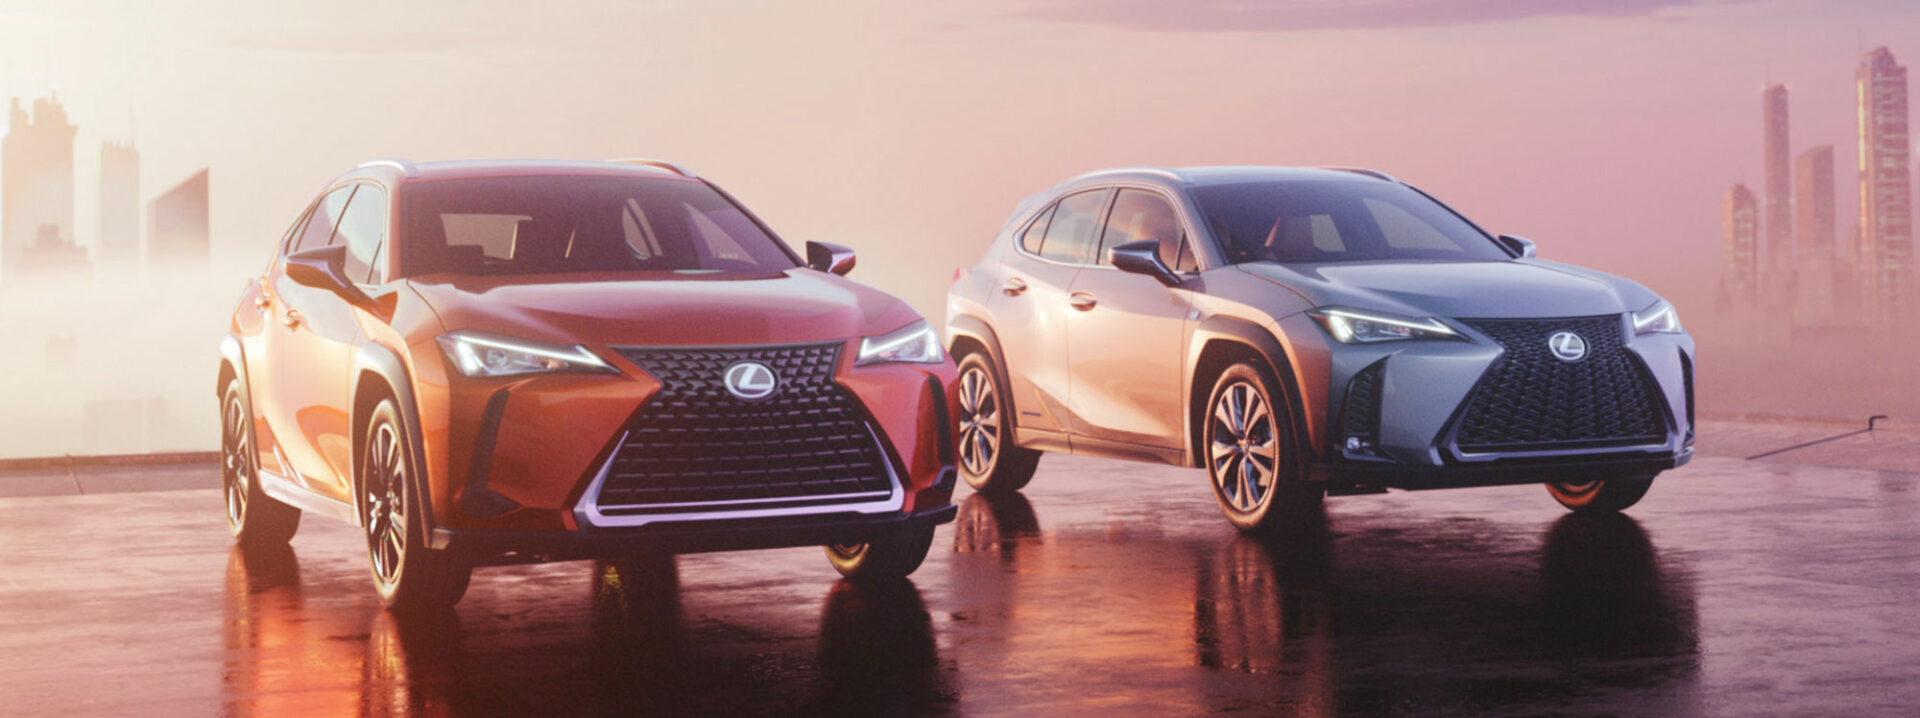 El UX 2022, lo nuevo de Lexus